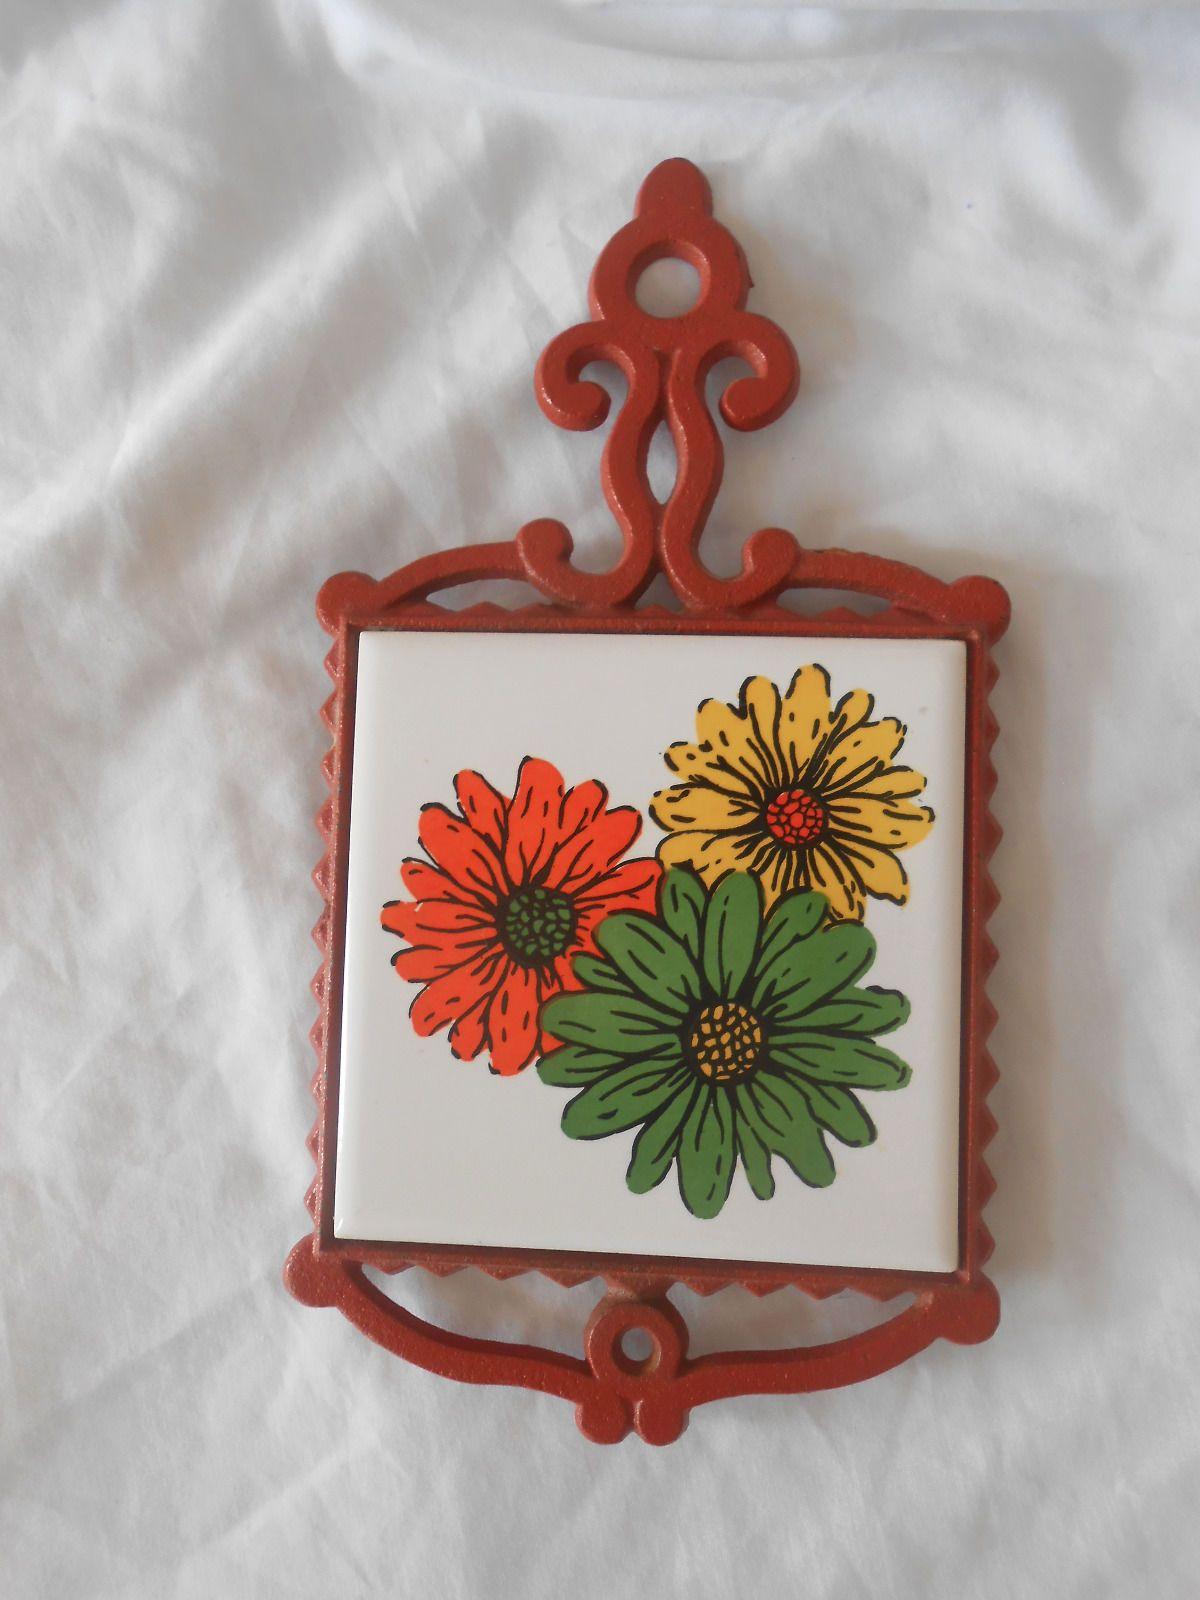 Vintage cherry cast iron ceramic tile trivet made in japan floral vintage cherry cast iron ceramic tile trivet made in japan floral design dailygadgetfo Images